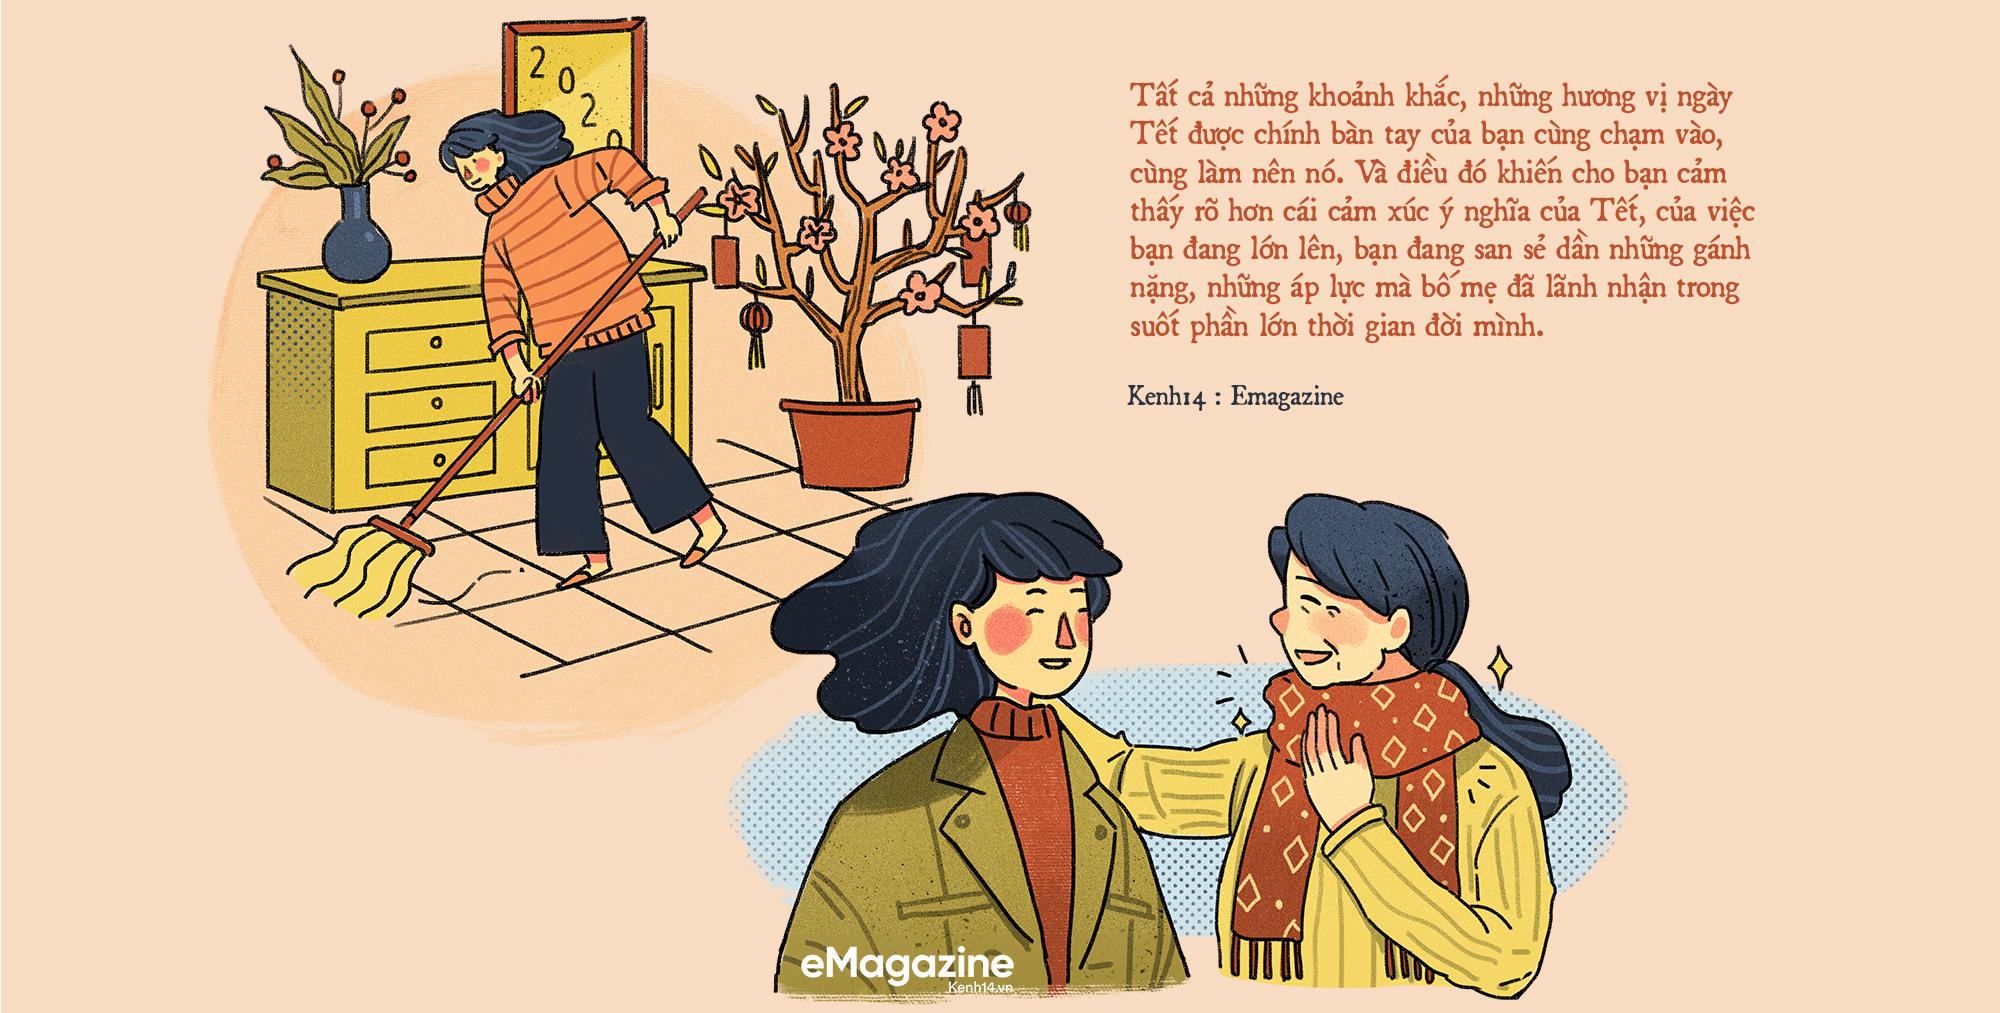 Mỗi mùa Tết về: Để ta thấy mình trưởng thành hơn từ những áp lực - Ảnh 2.